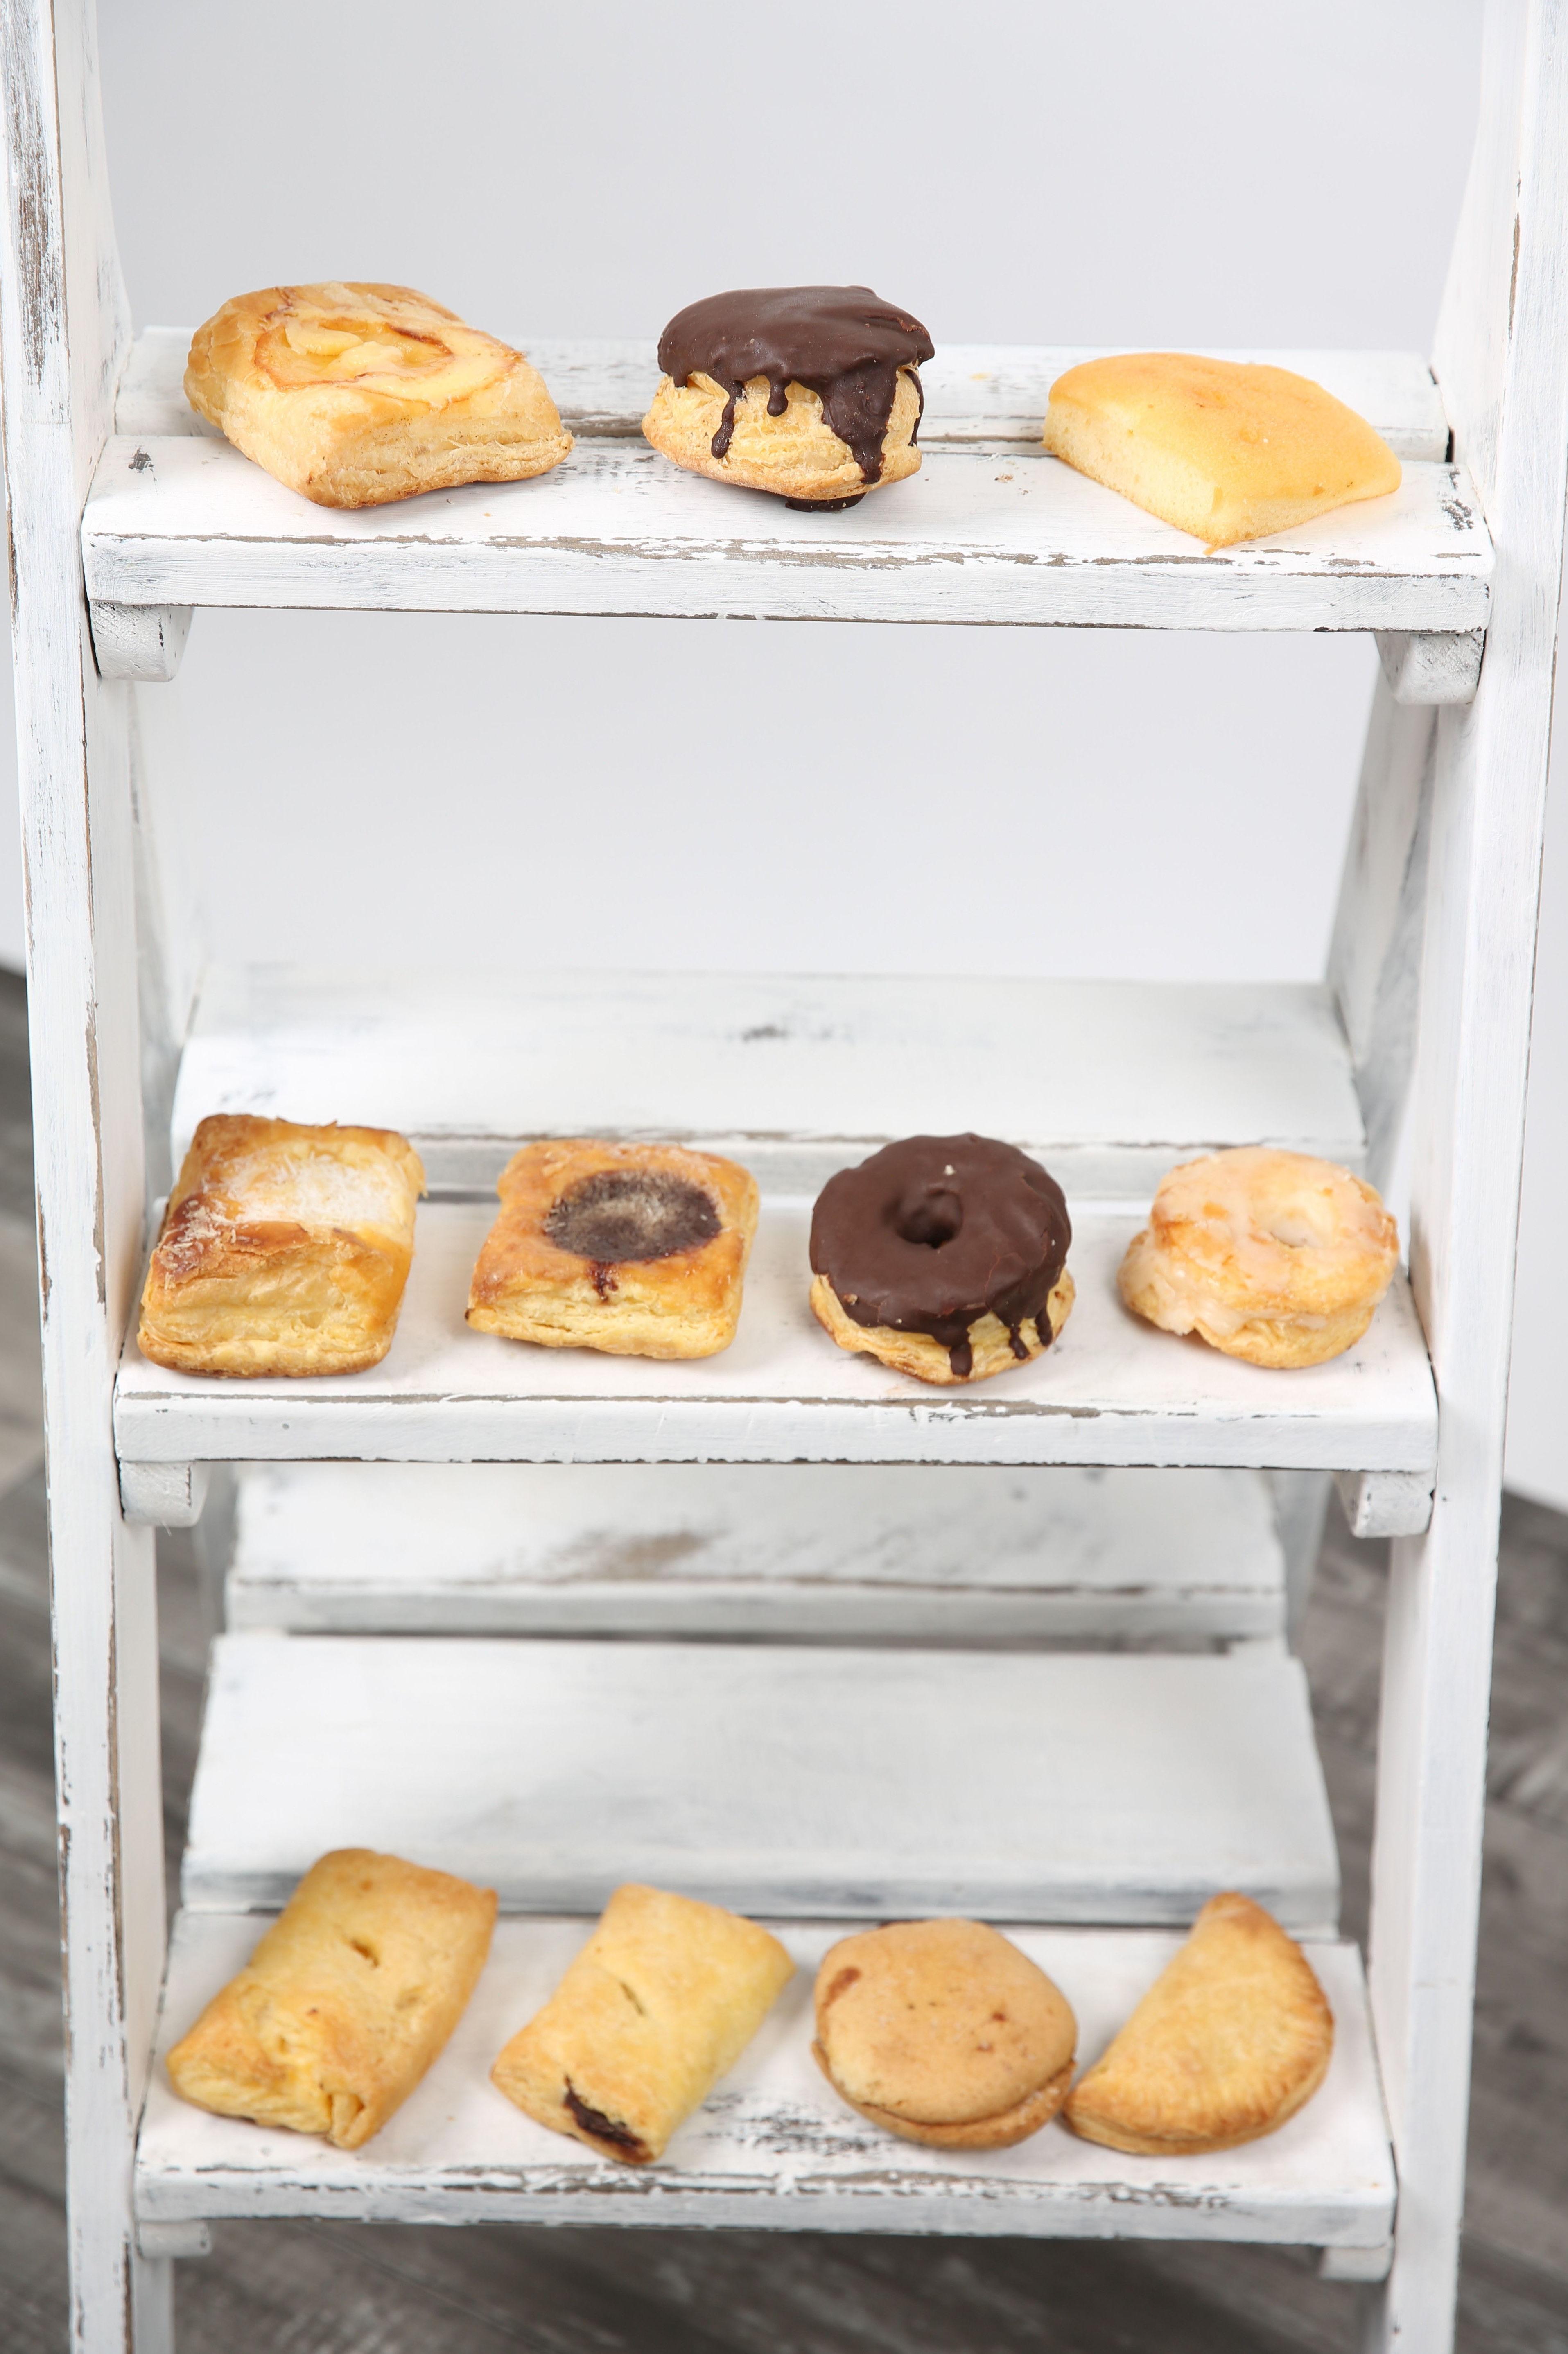 Foto 26 de Productos sin gluten y sin lactosa en Valencia | La Tatarabuela Magdalena